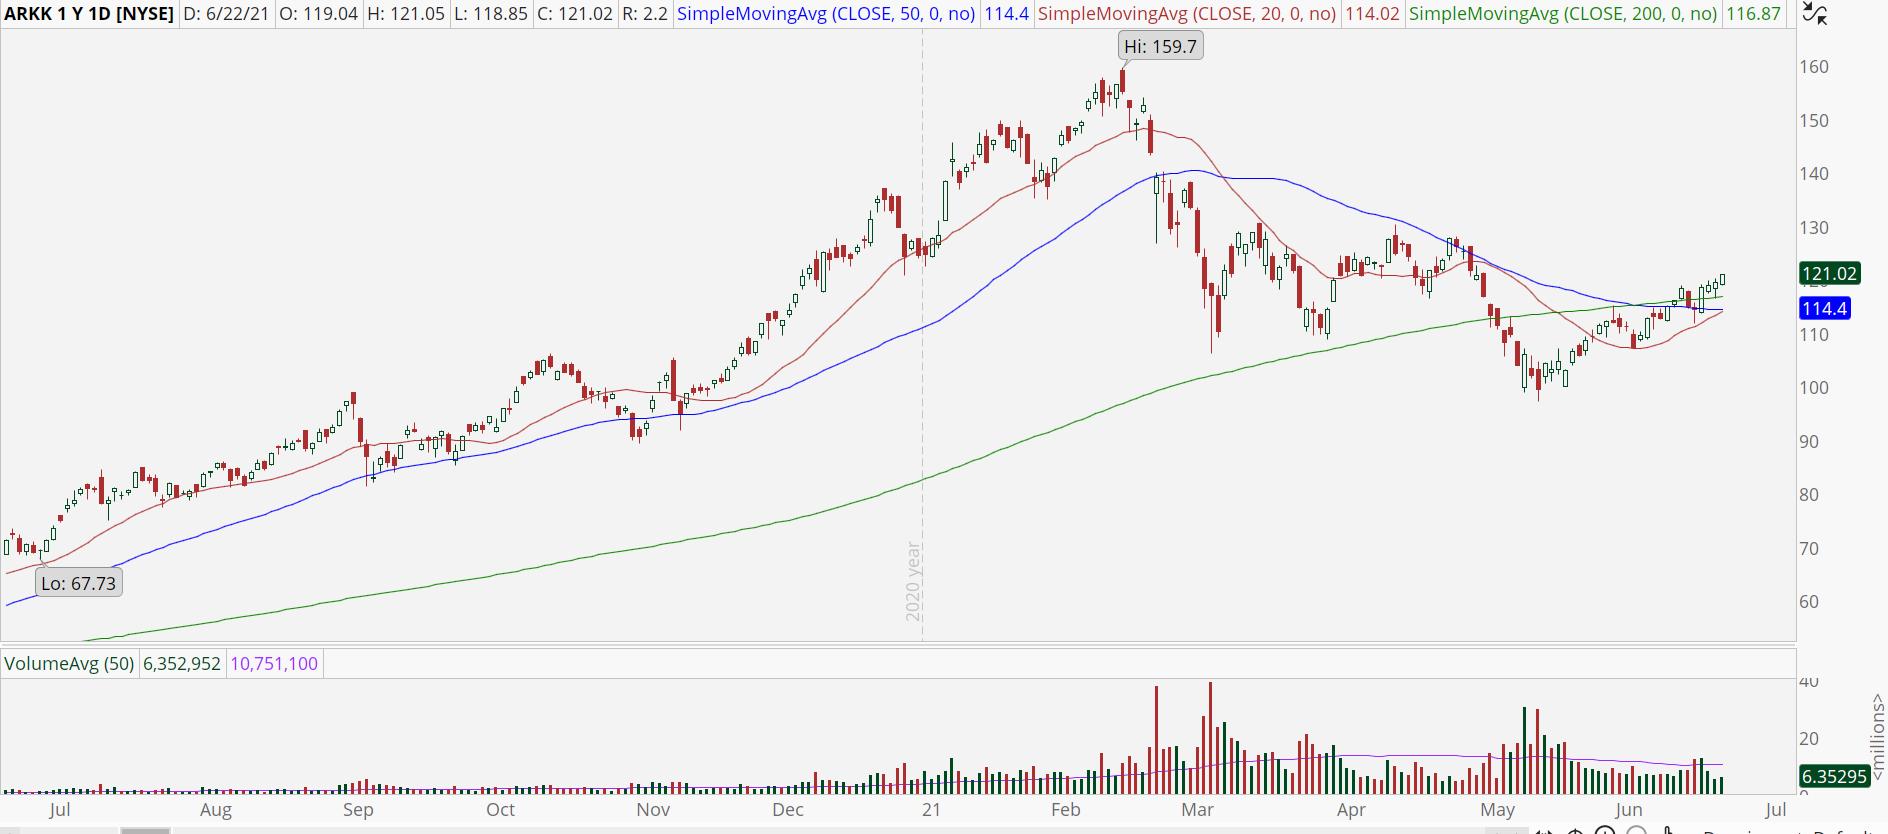 Ark Innovation ETF (ARKK) chart with bullish reversal